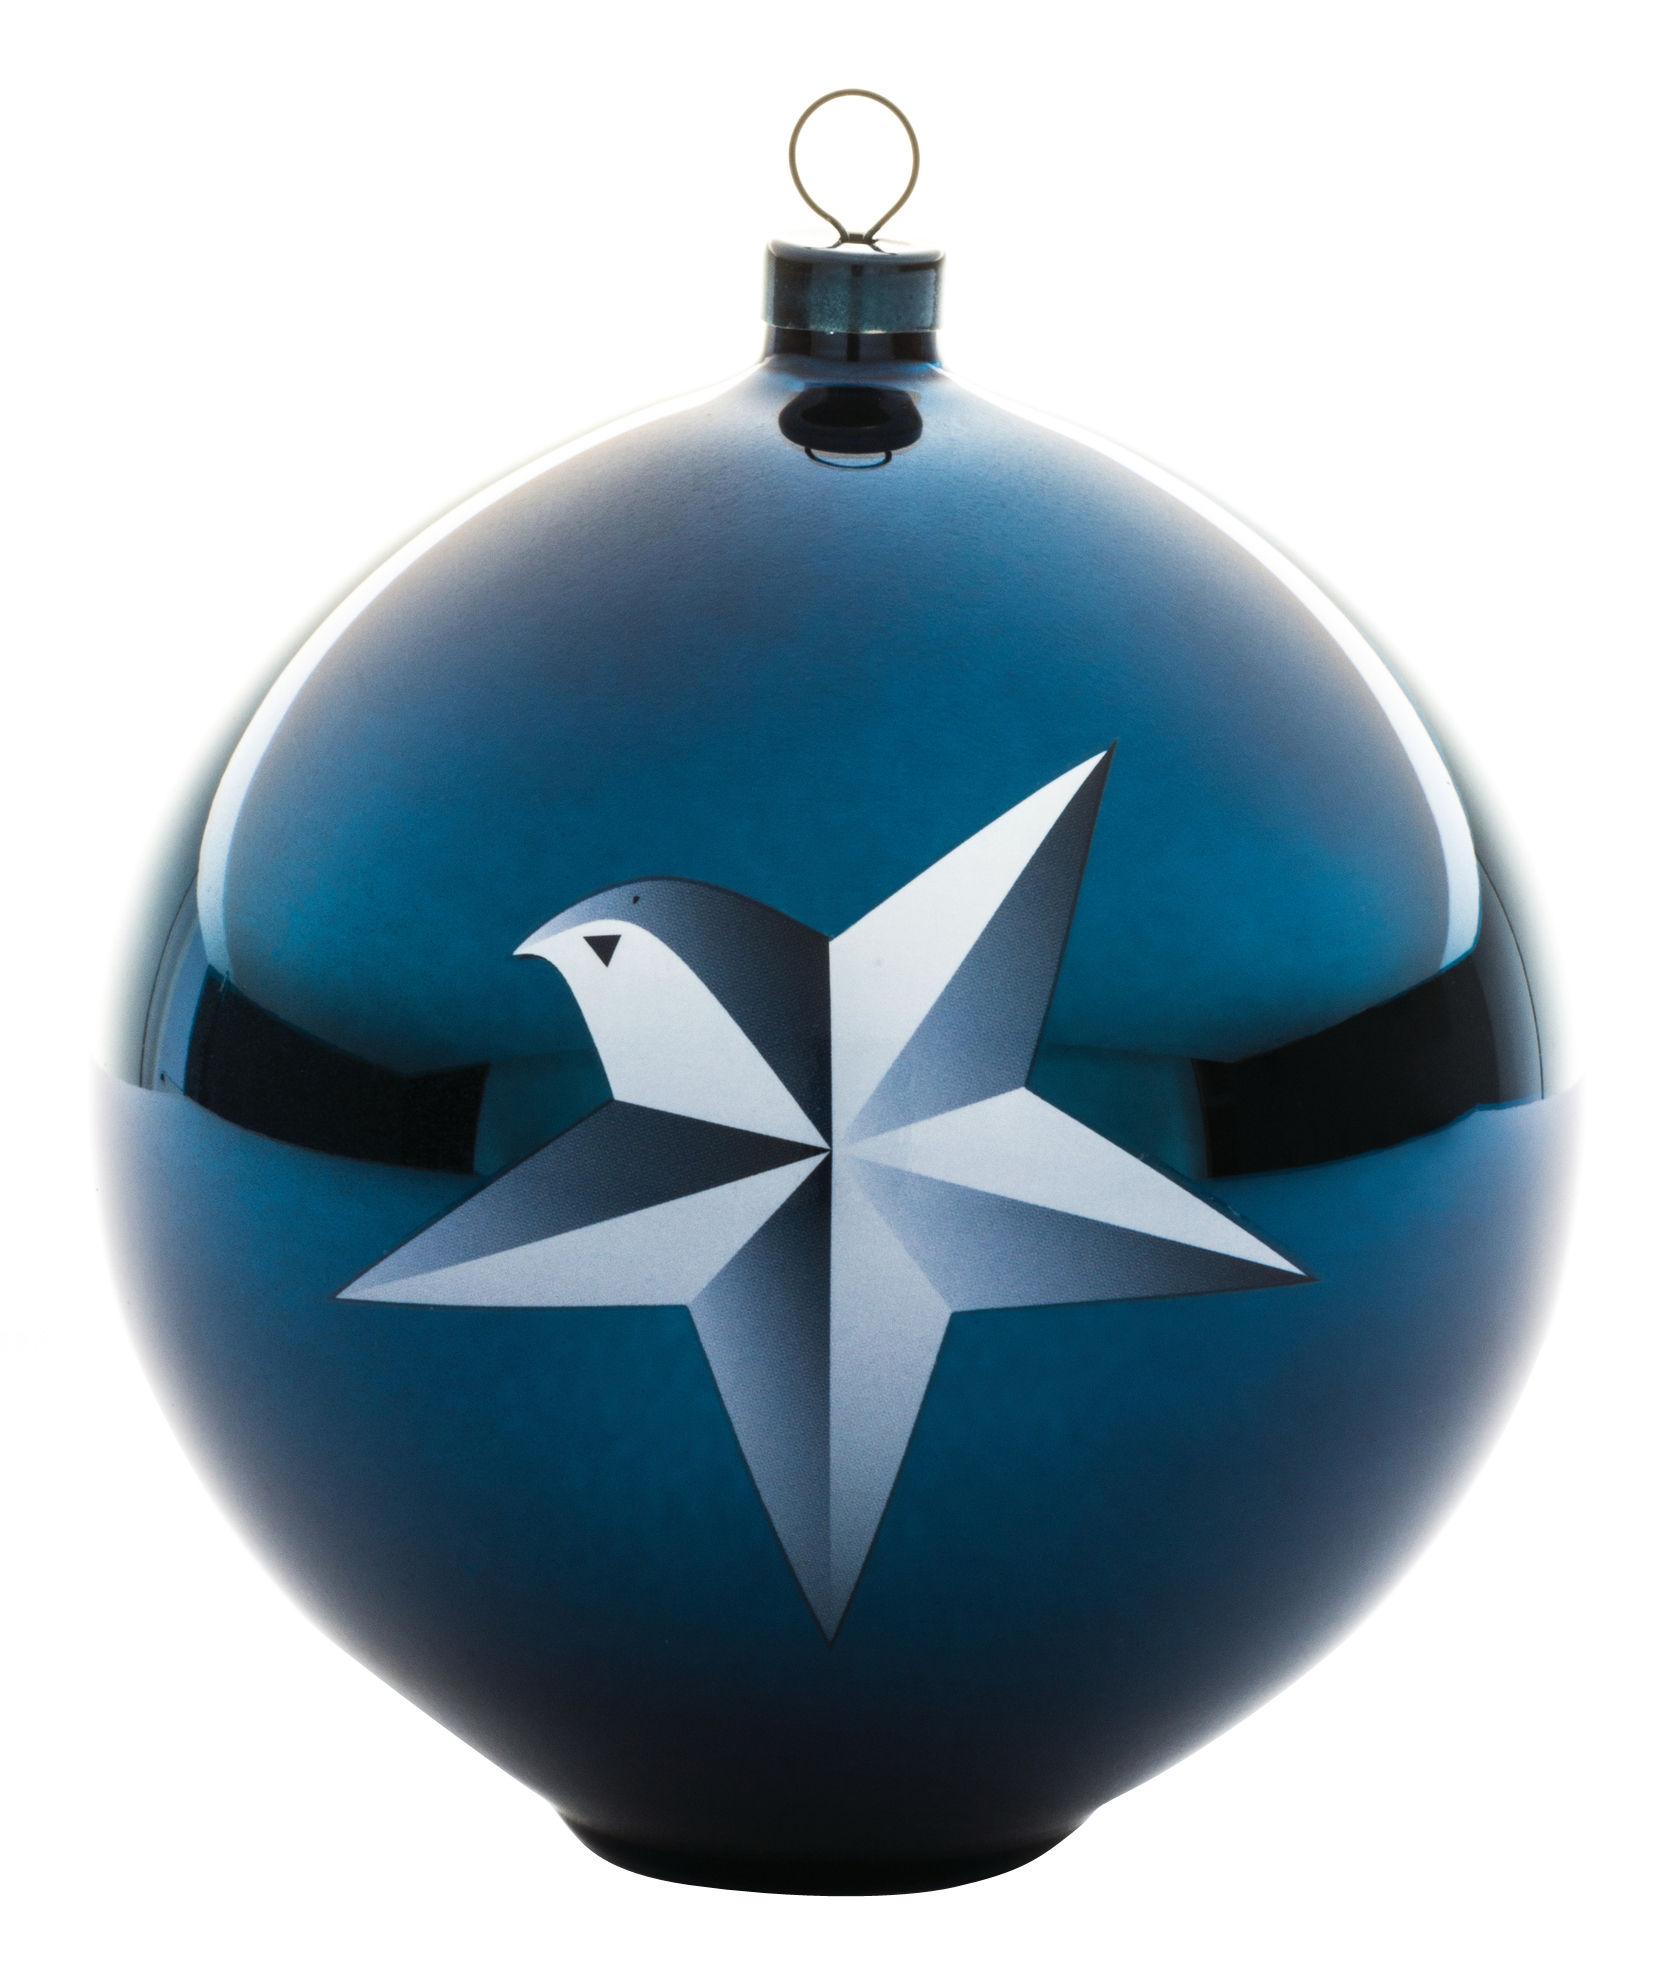 Déco - Objets déco et cadres-photos - Boule de Noël Blue christmas / Verre soufflé - A di Alessi - Etoile - Verre soufflé décoré à la main